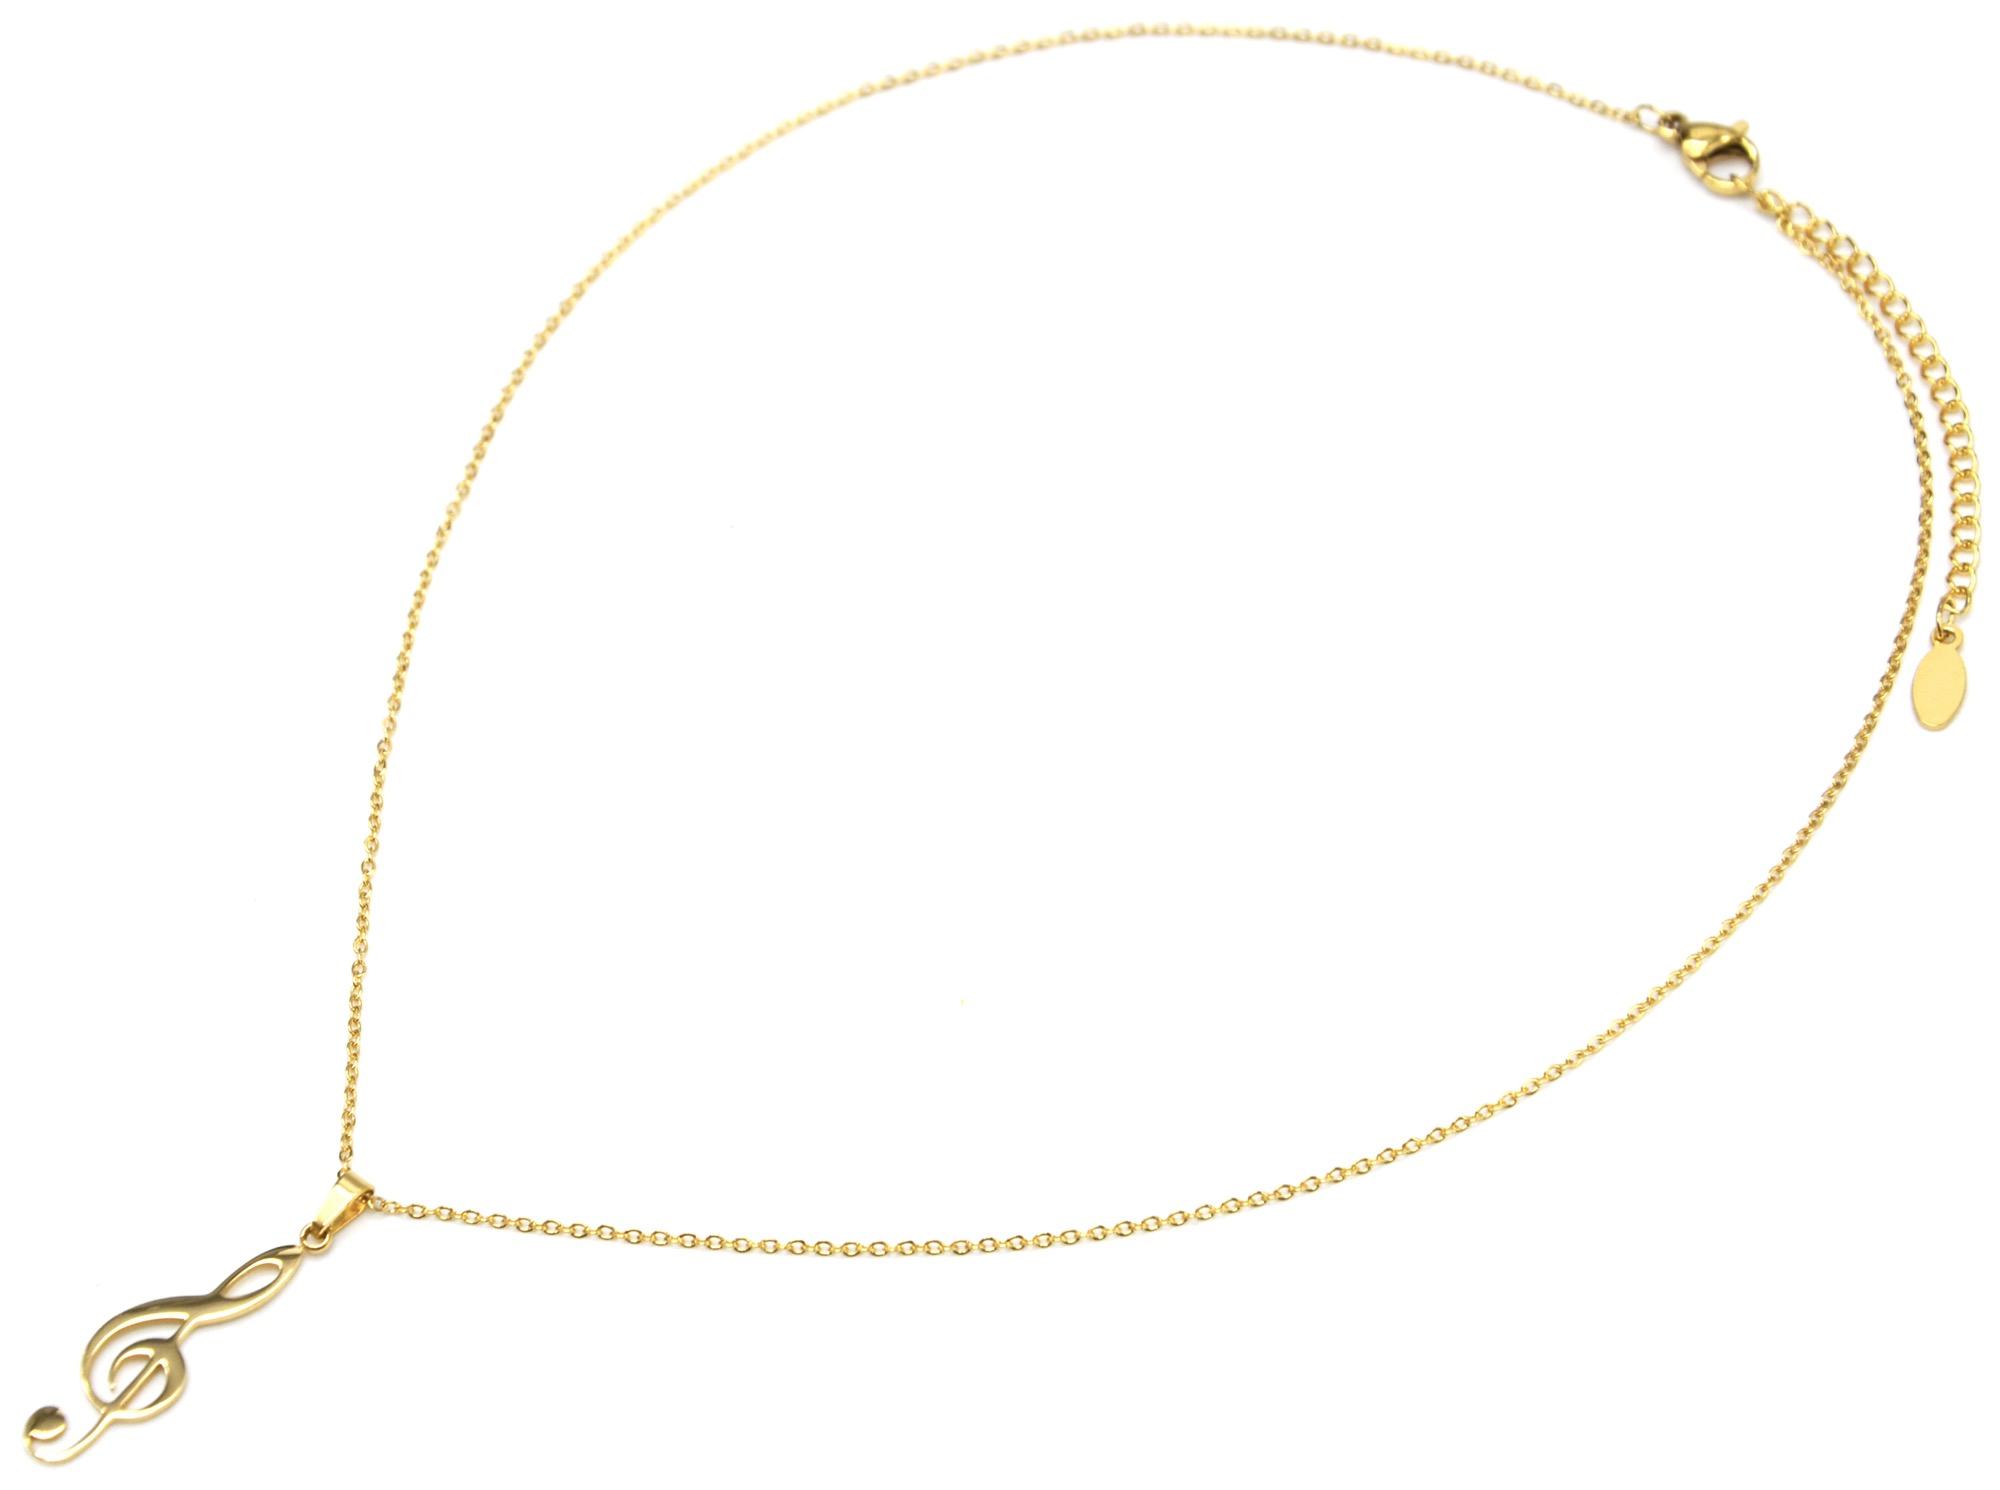 Collier Fine Chaîne avec Pendentif Clé de Sol Acier Doré CC2115D